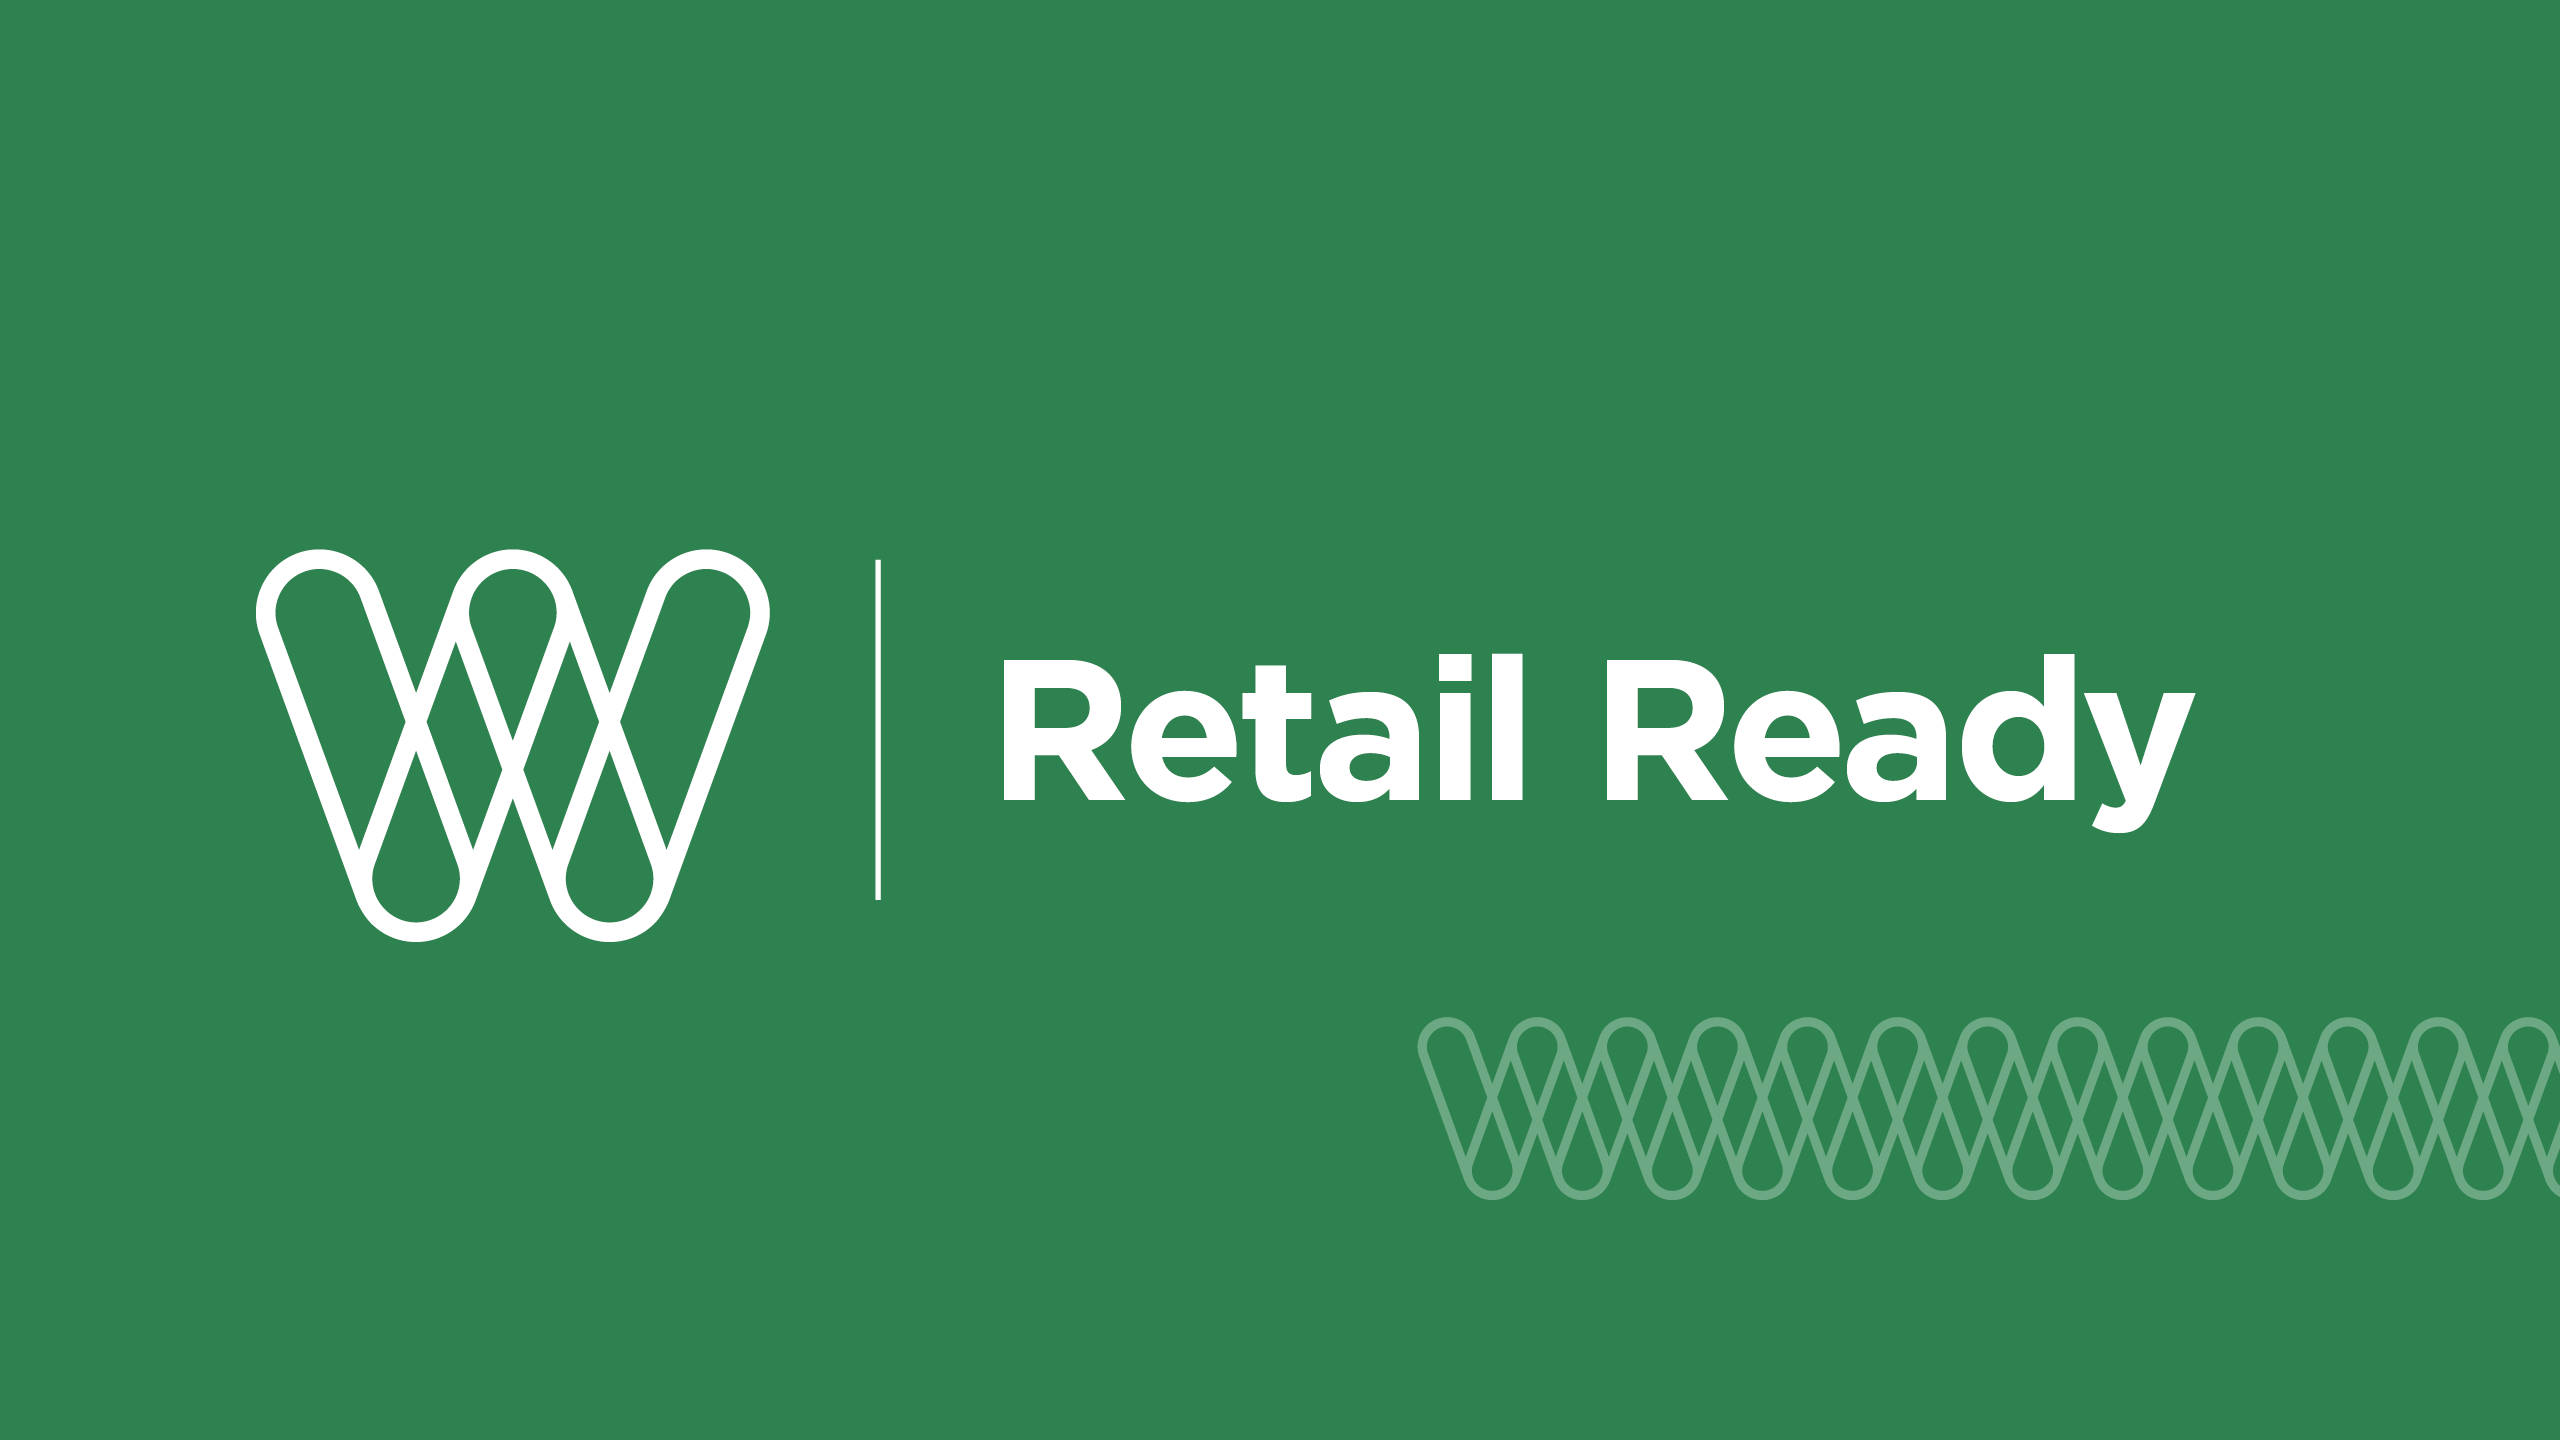 retail ready